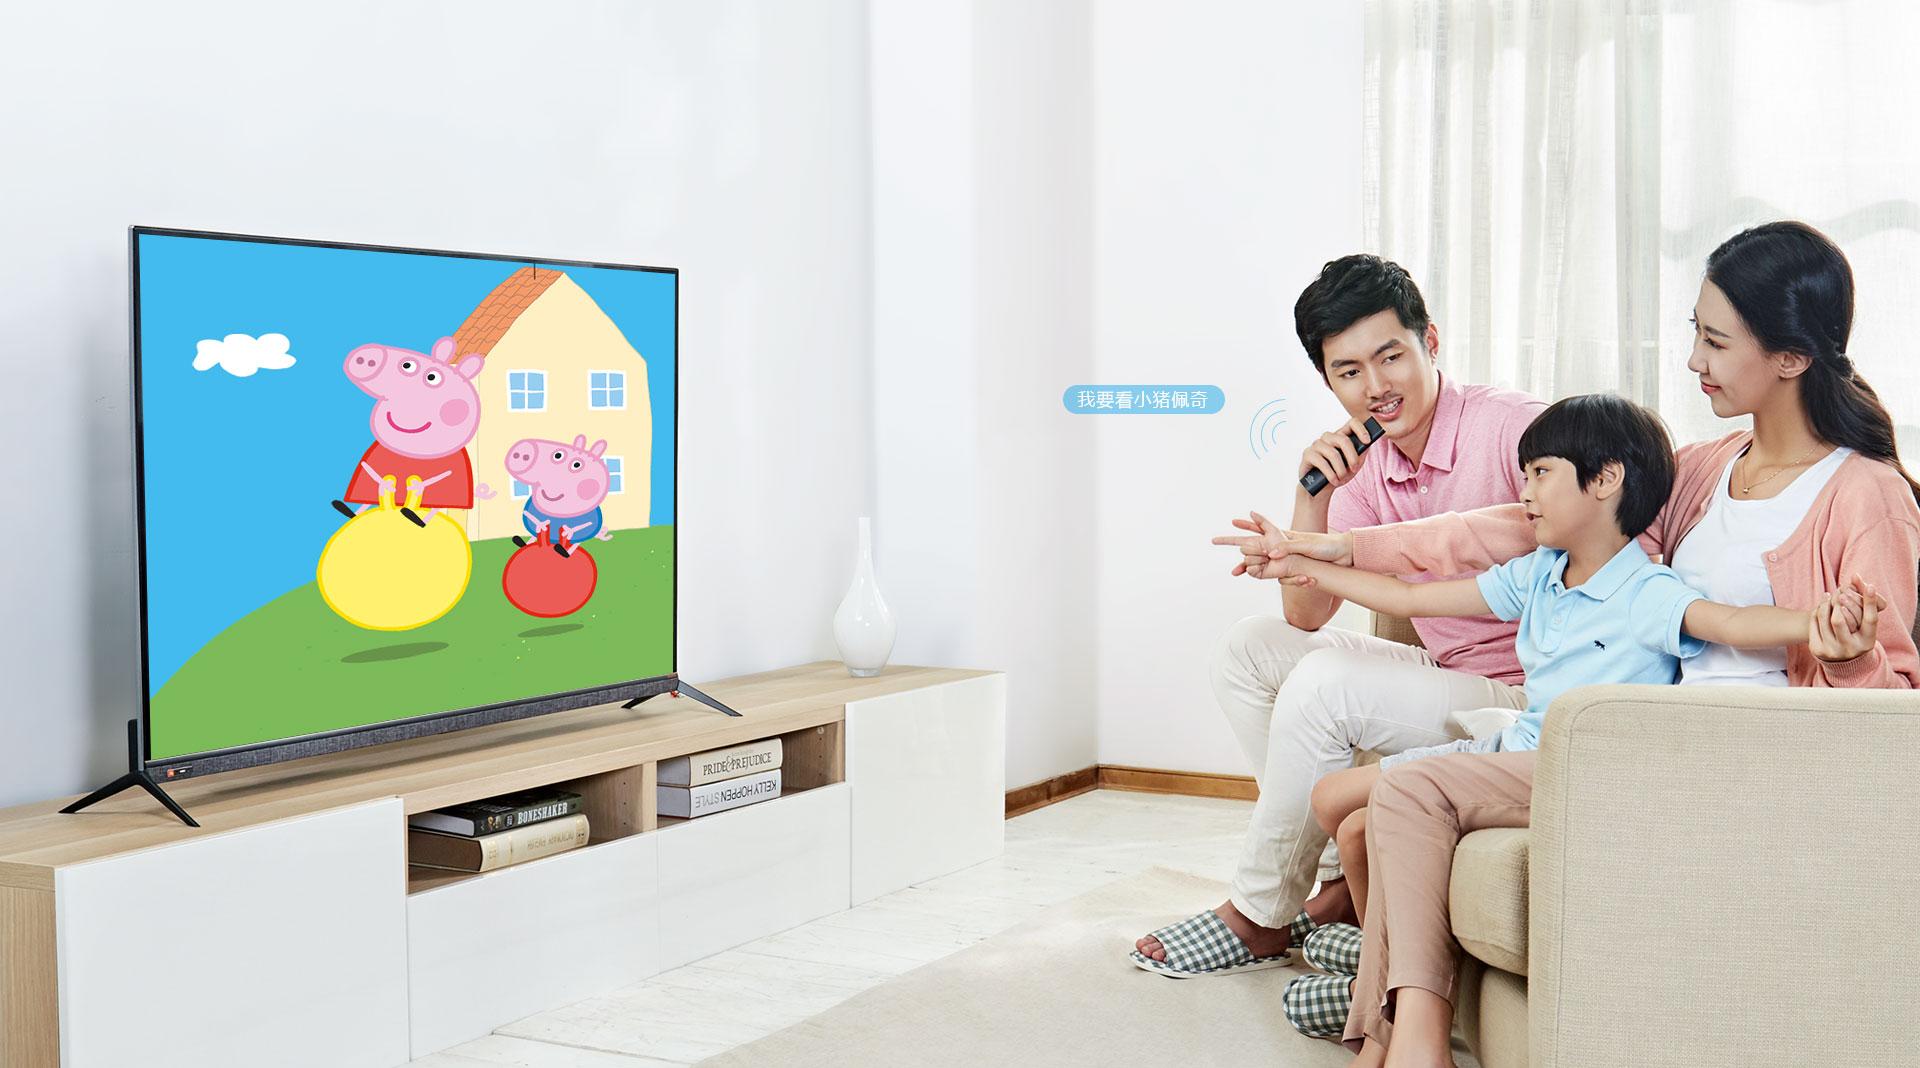 人工语音操控-酷开55A3防蓝光教育电视